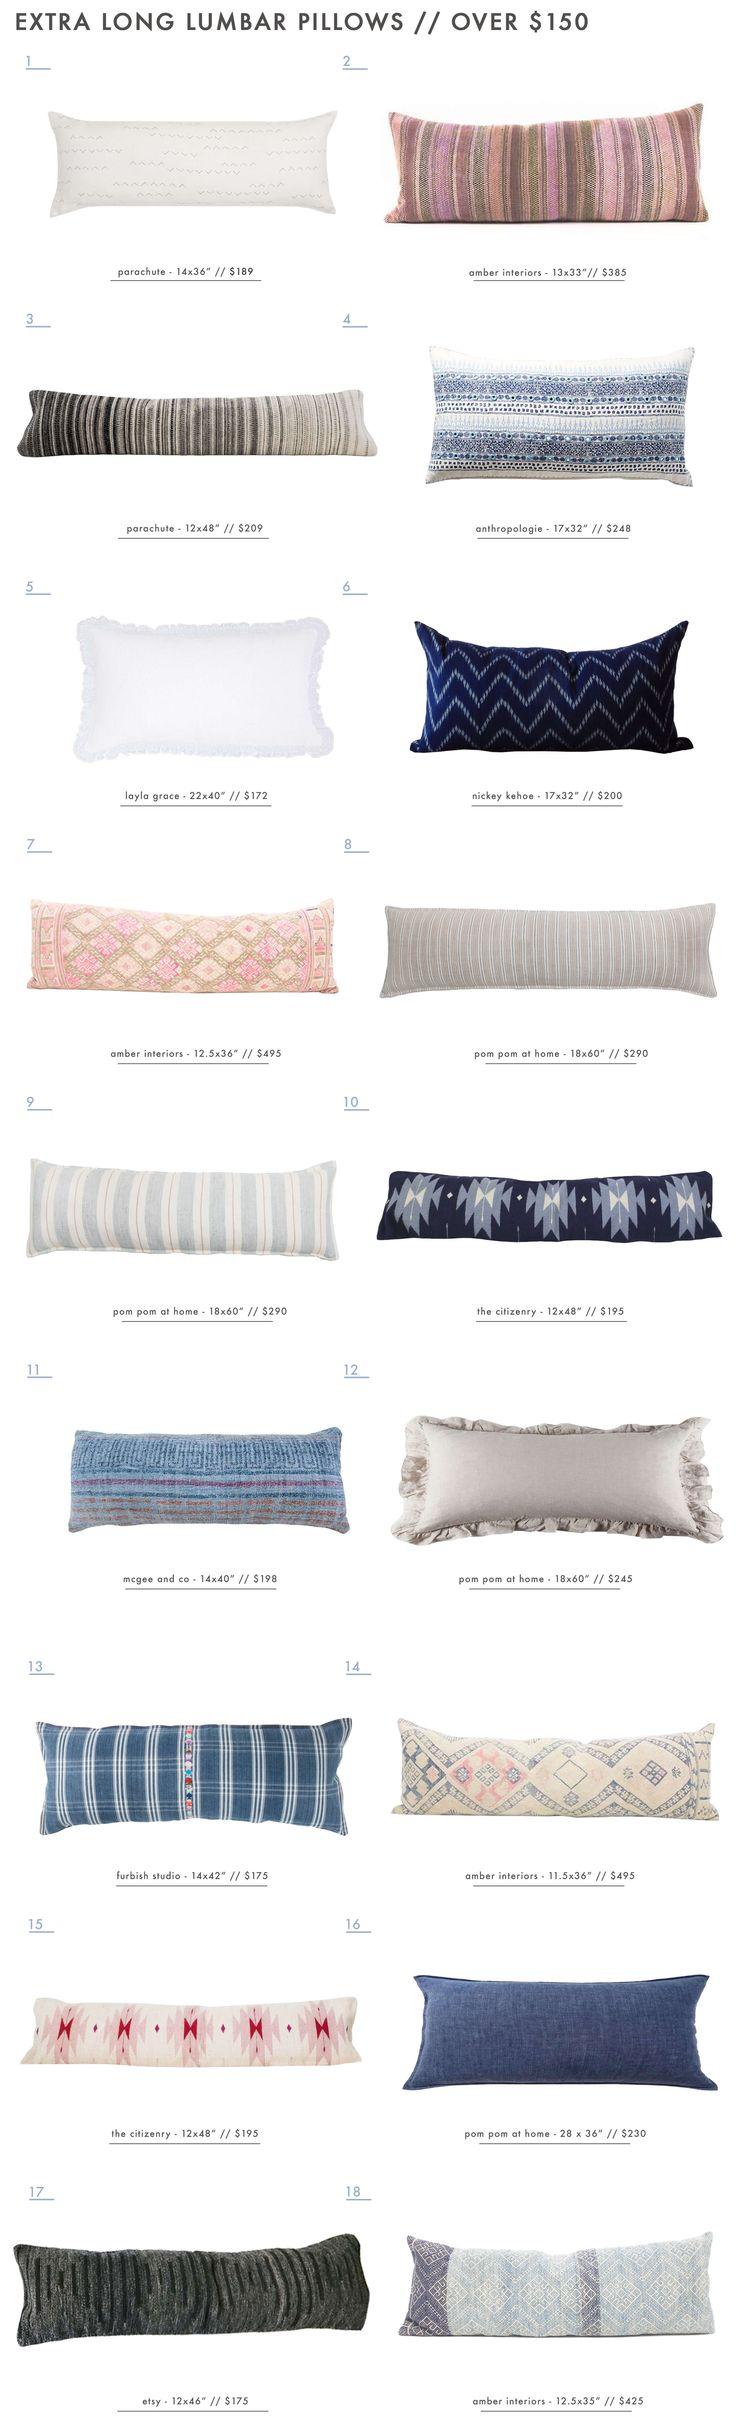 Our Extra Long Lumbar Pillow Roundup - Over $150